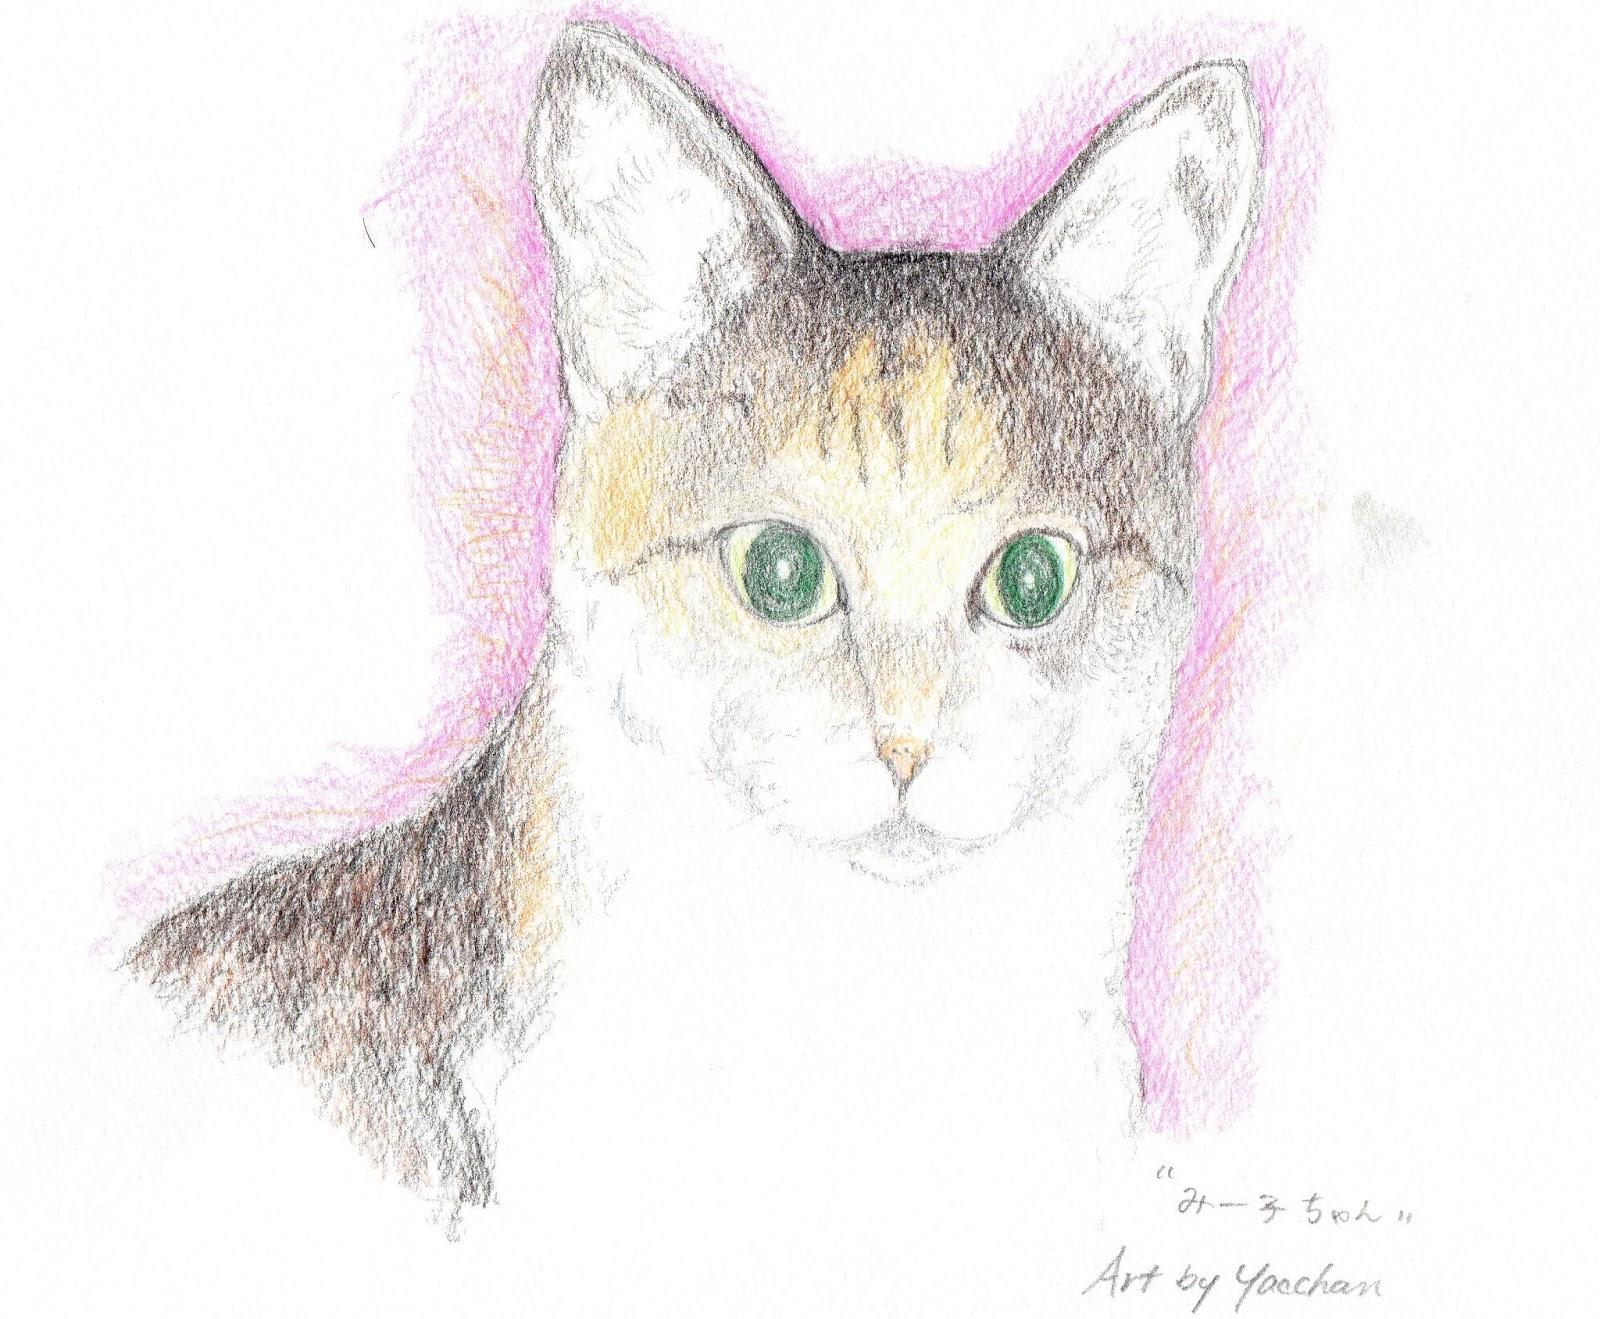 やっちゃんのネコと動物イラスト: モデルのネコ・写真とリアル画